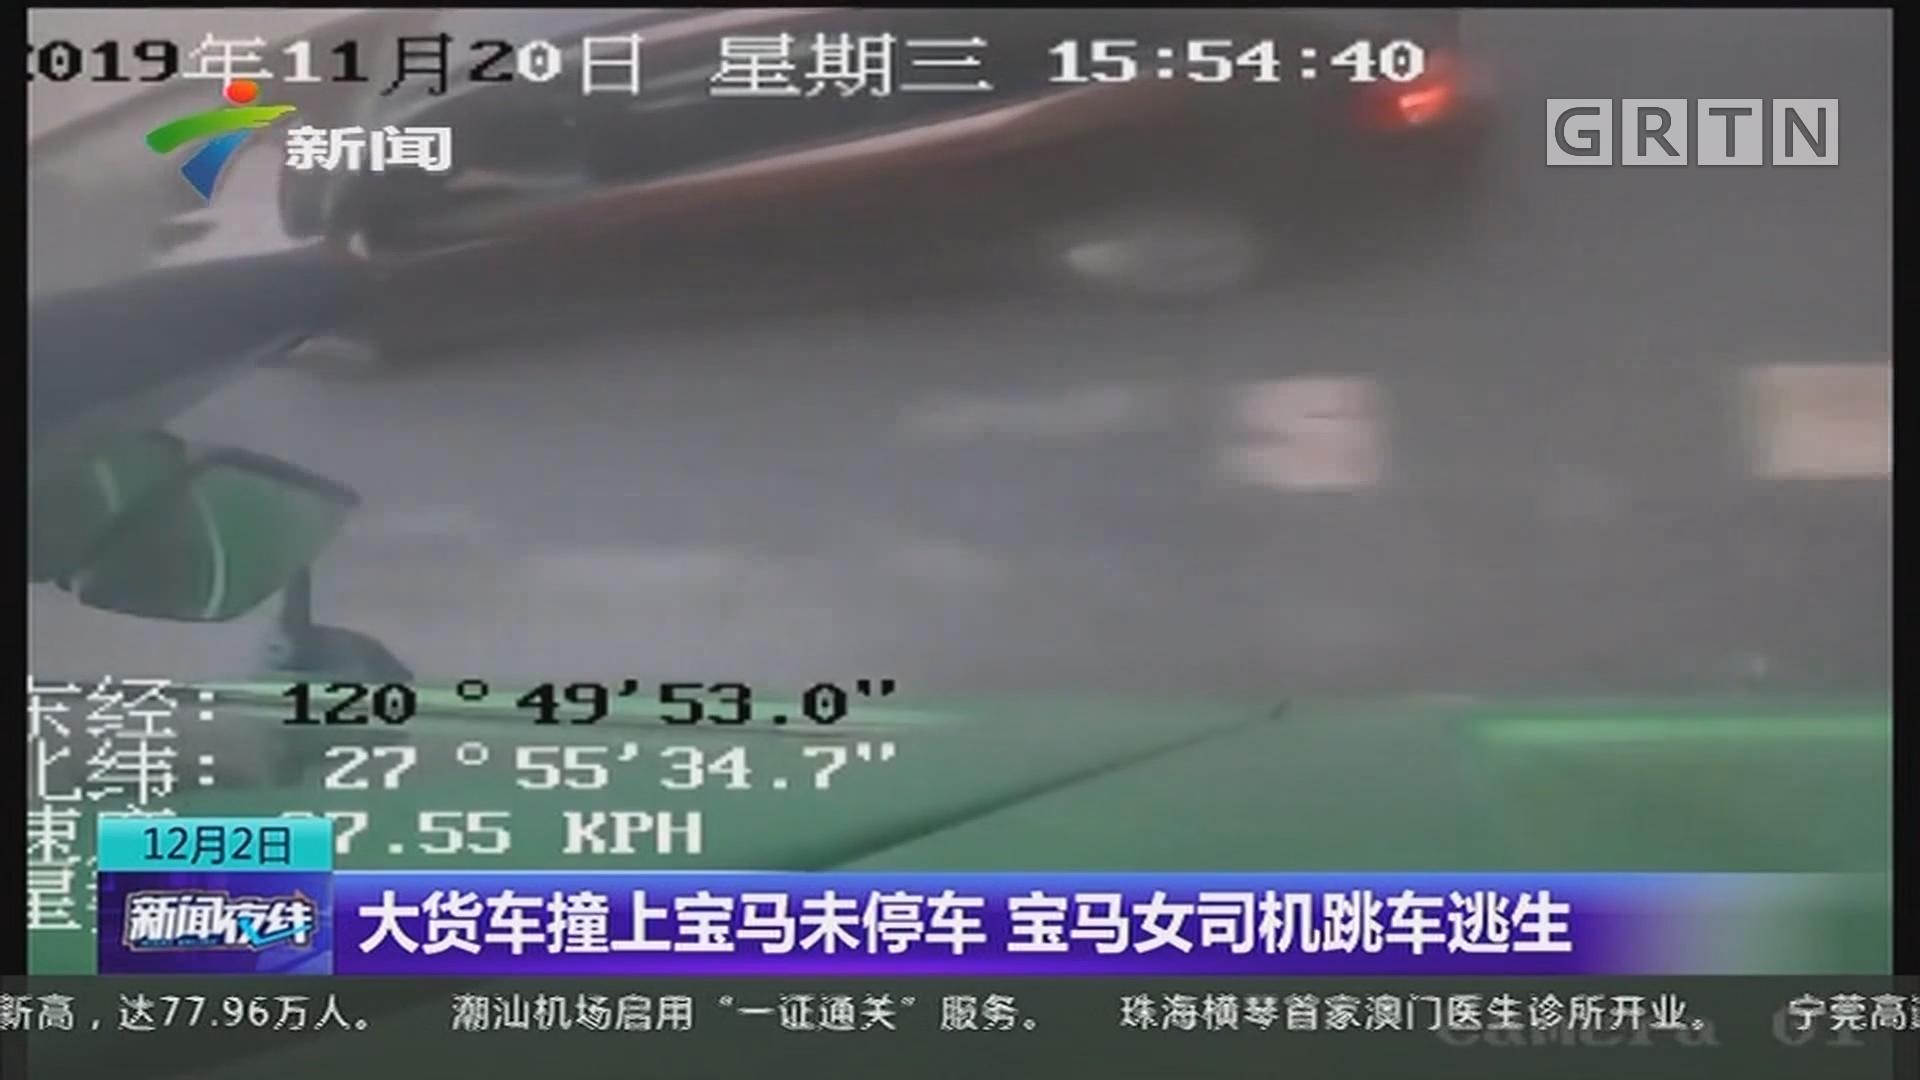 大货车撞上宝马末停车 宝马女司机跳车逃生